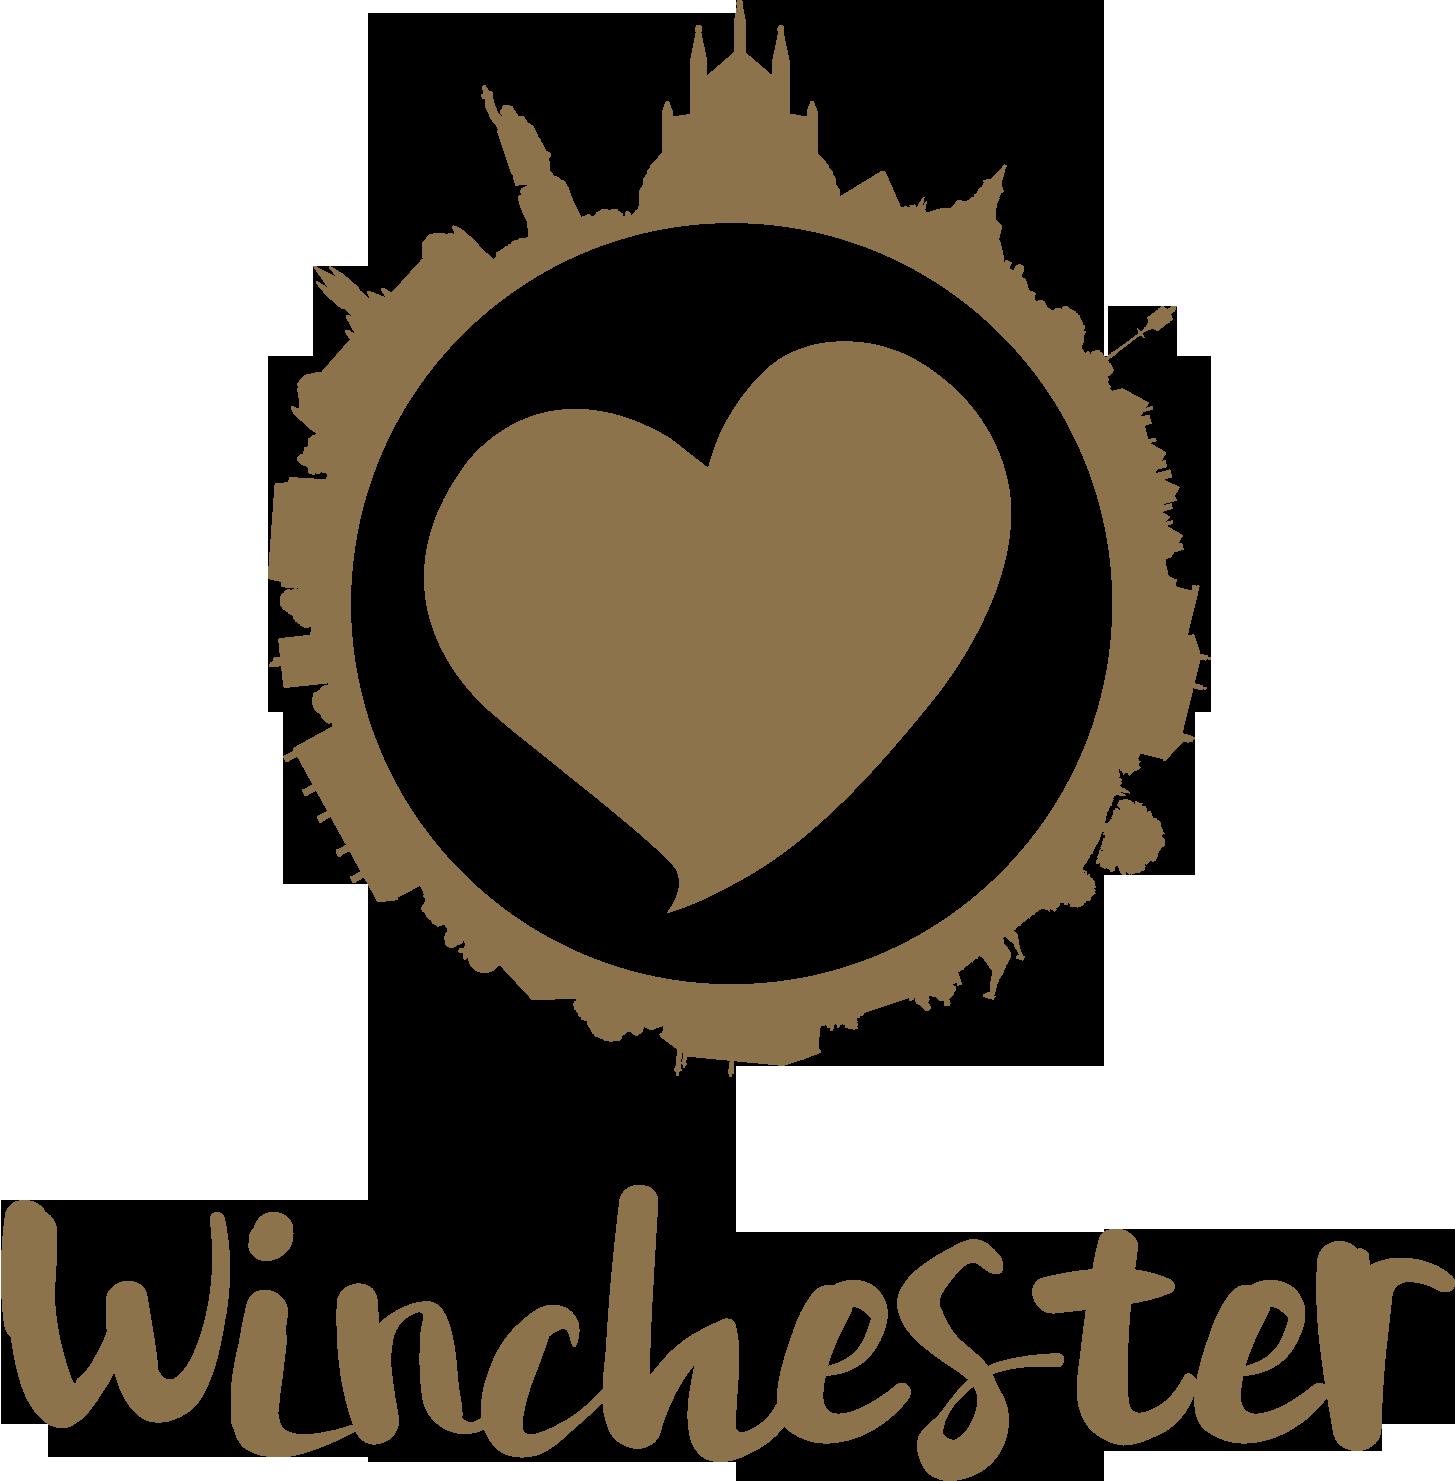 I love Winchester